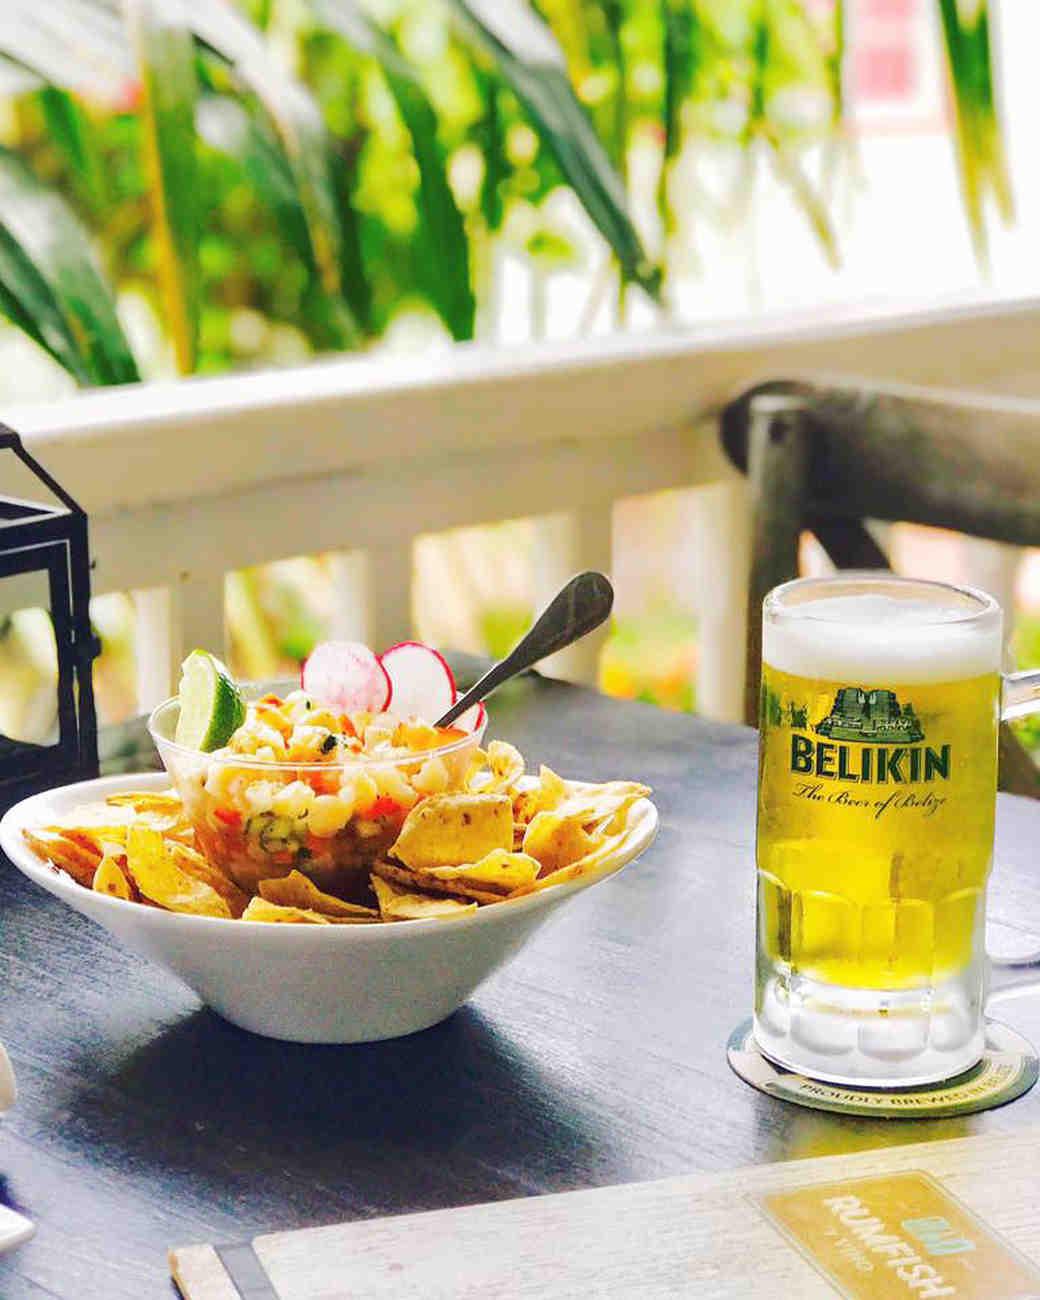 beer fish dish